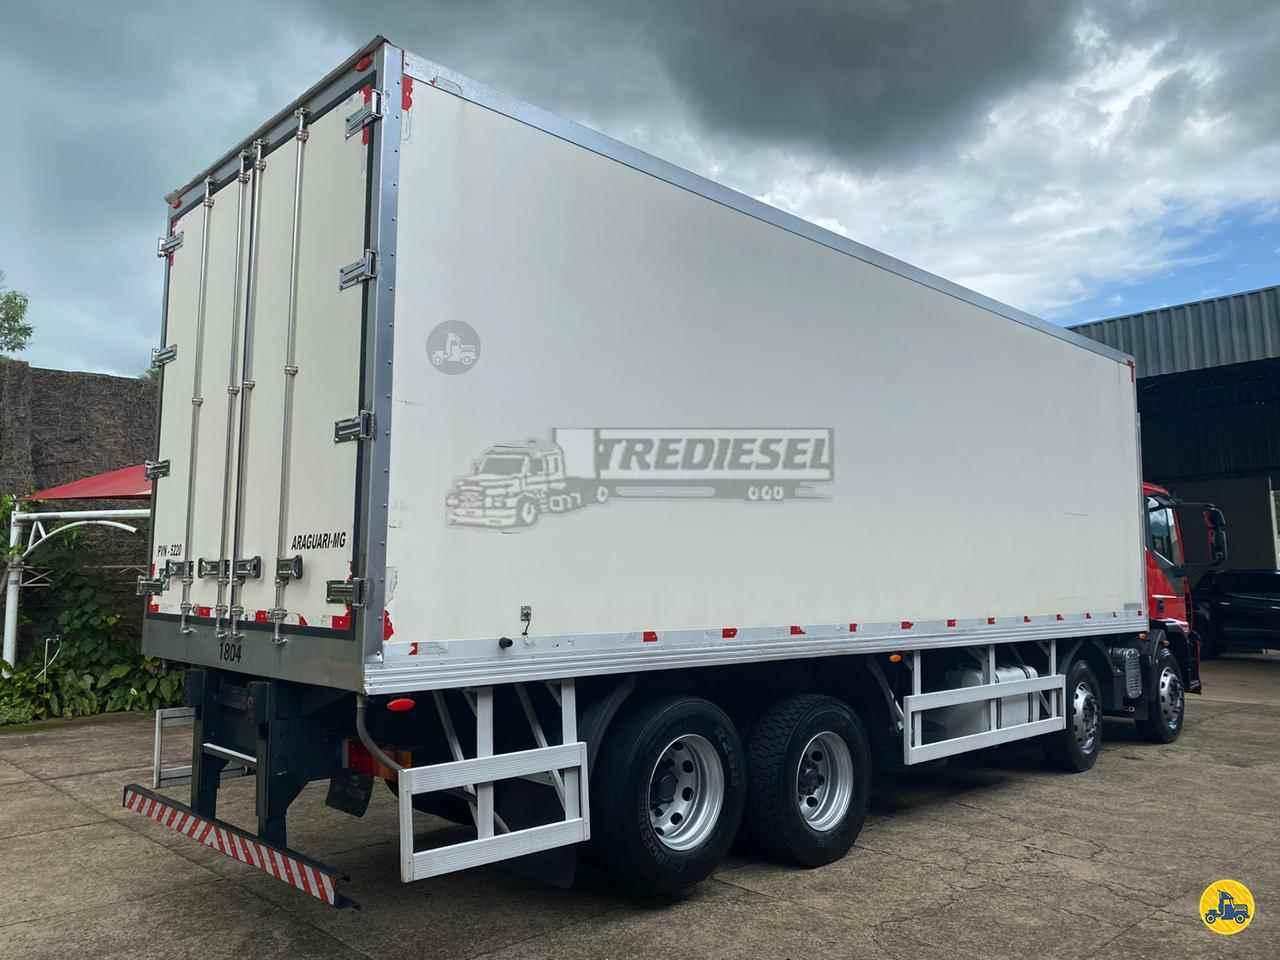 IVECO TECTOR 240E28 353000km 2014/2014 Trediesel Caminhões